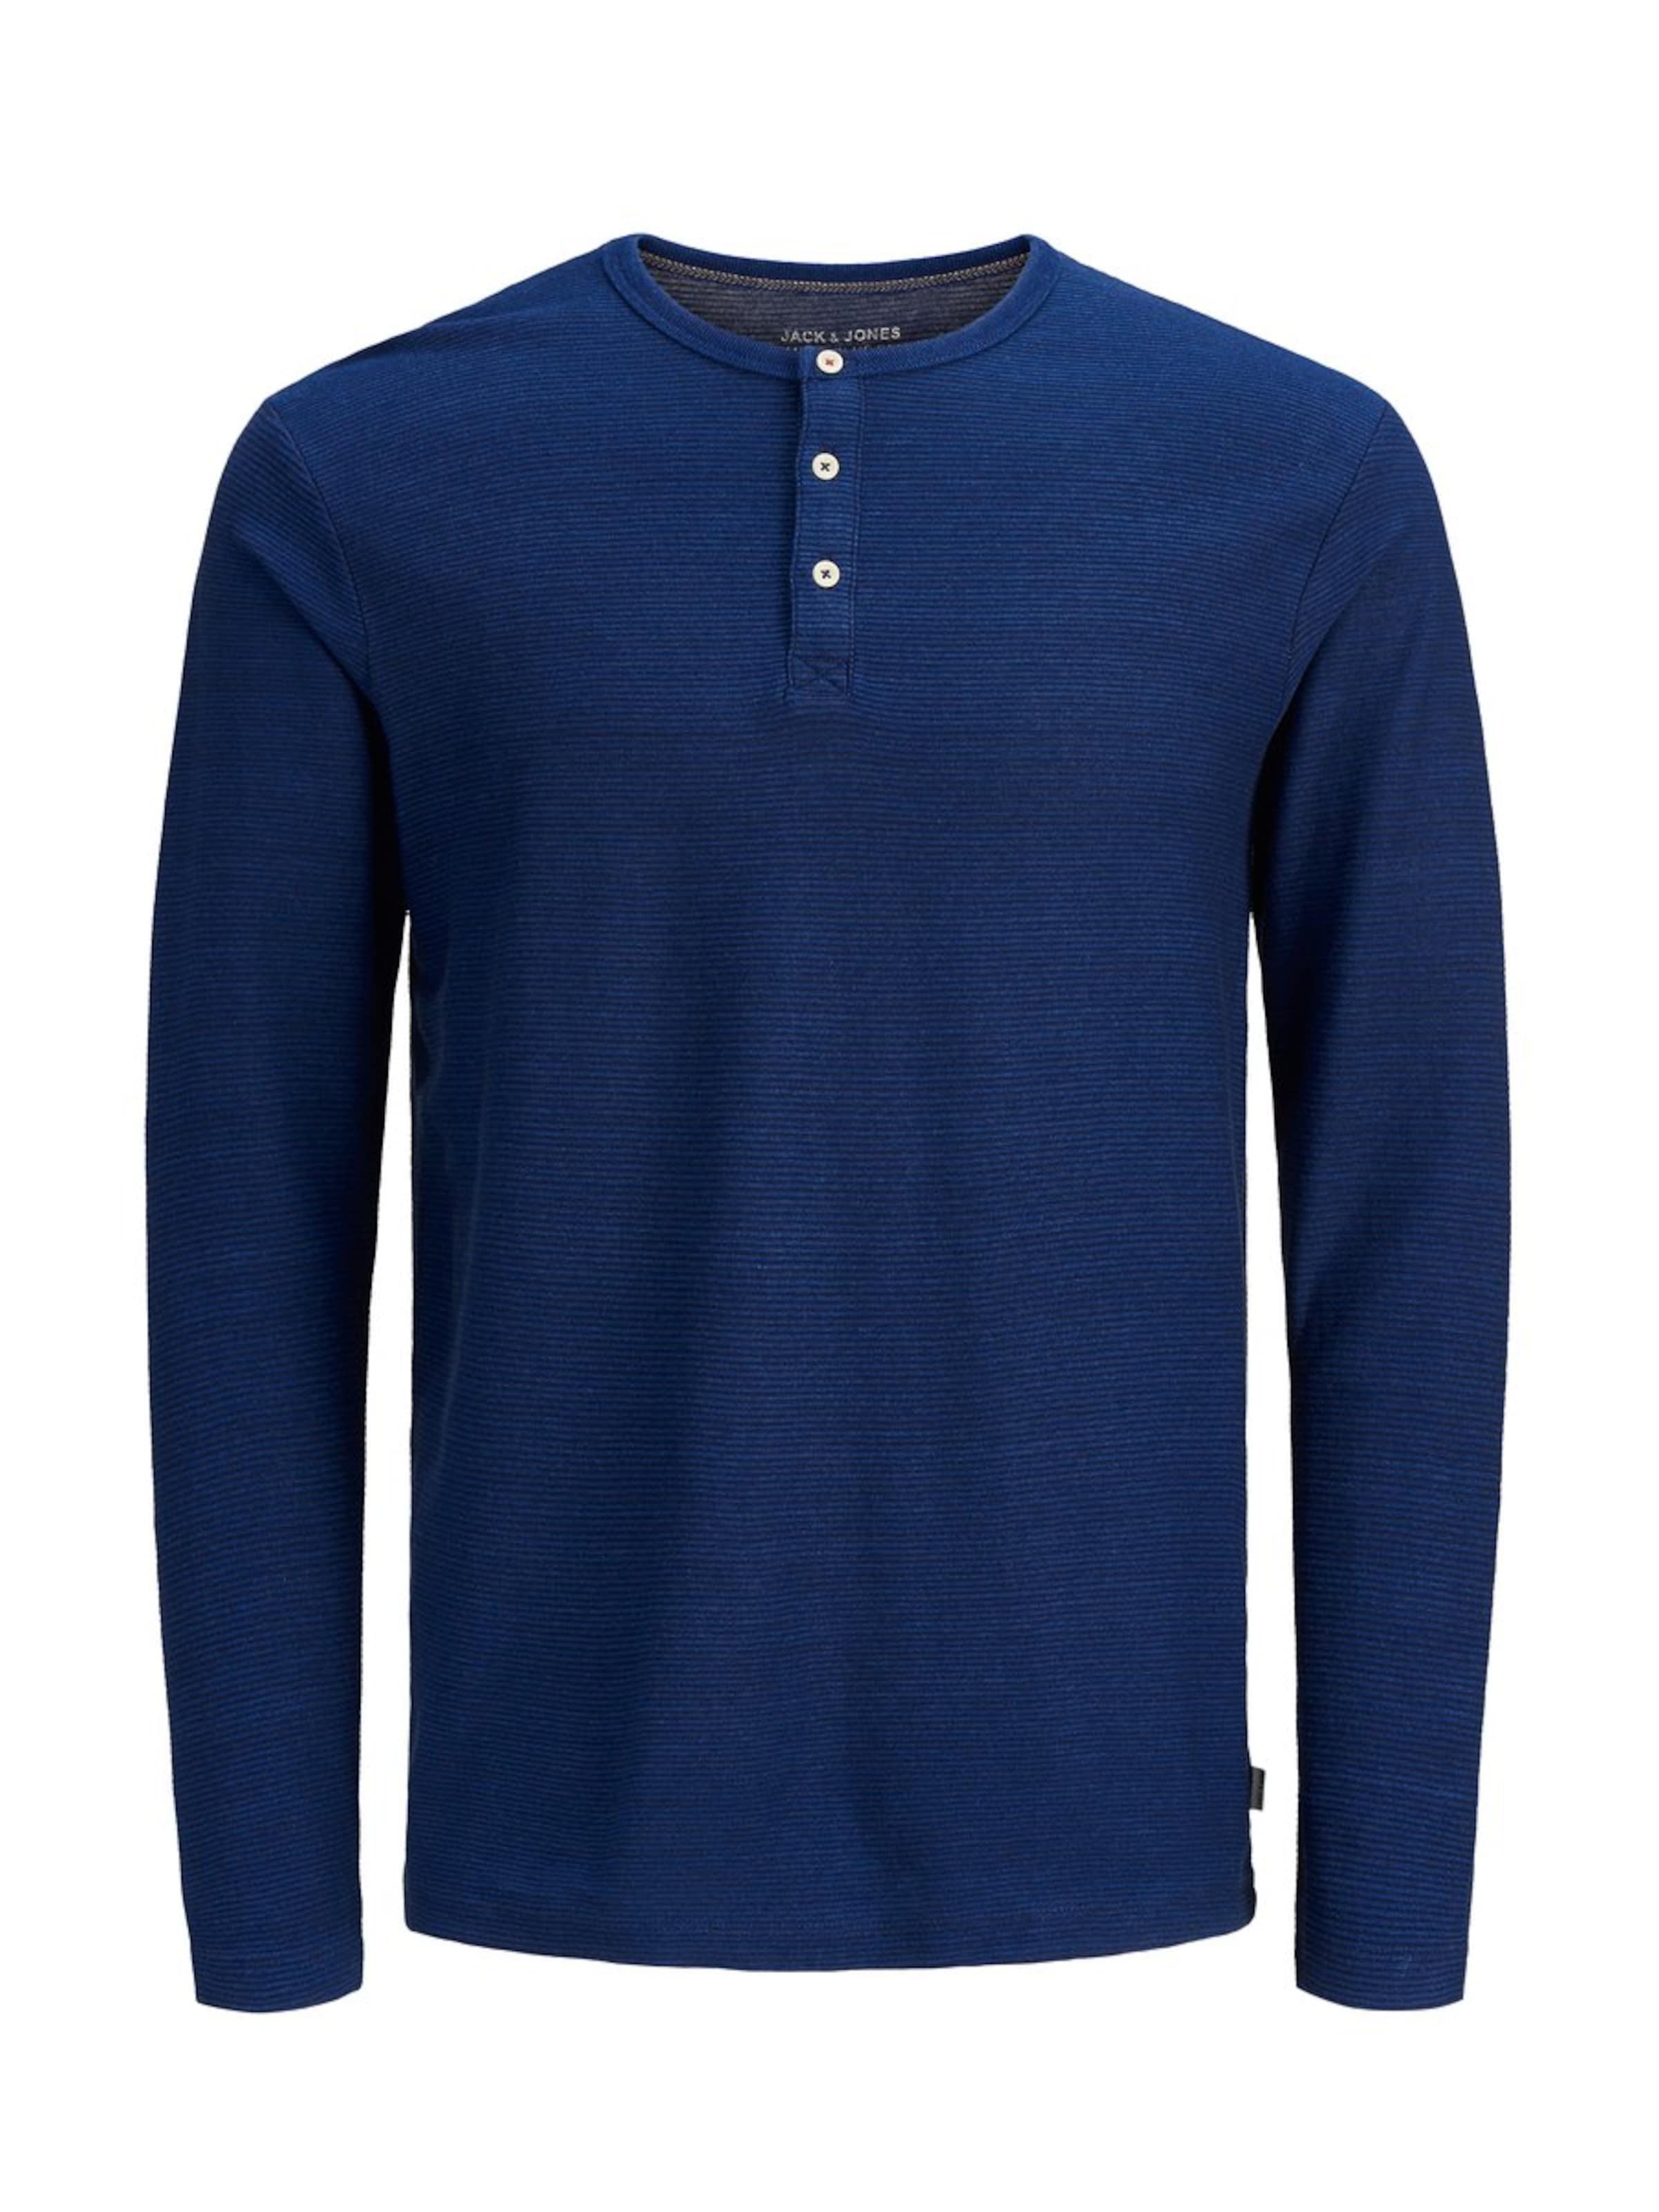 Bleu T shirt Jackamp; Jones En nO80wPk